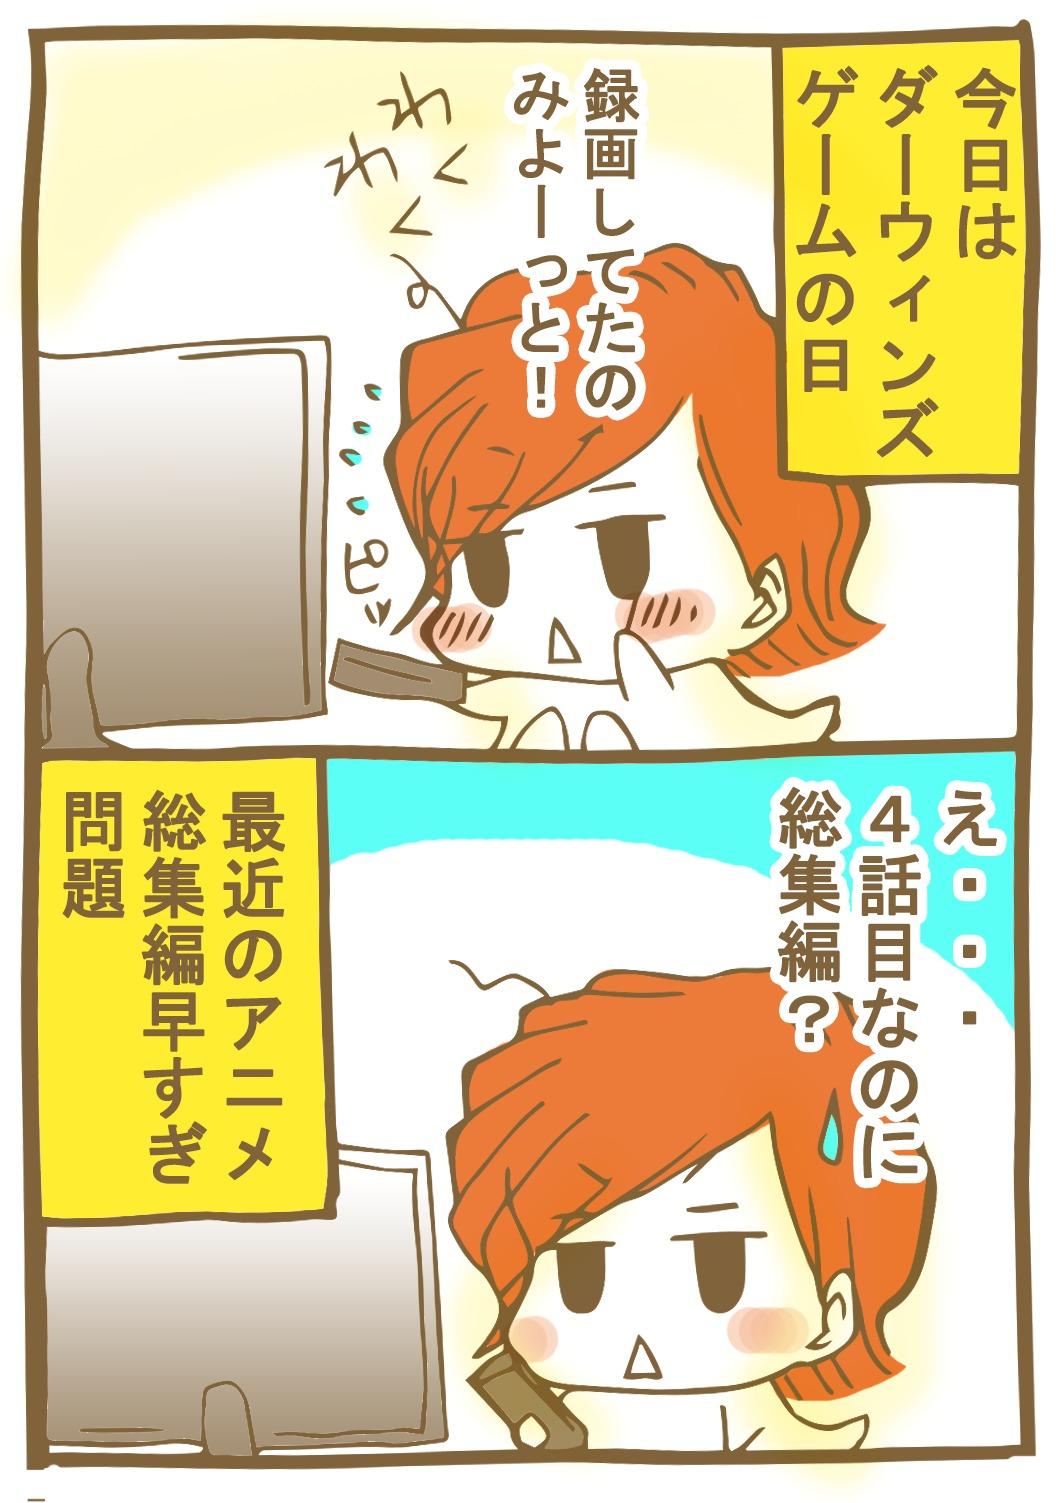 ダーウィンズゲーム総集編